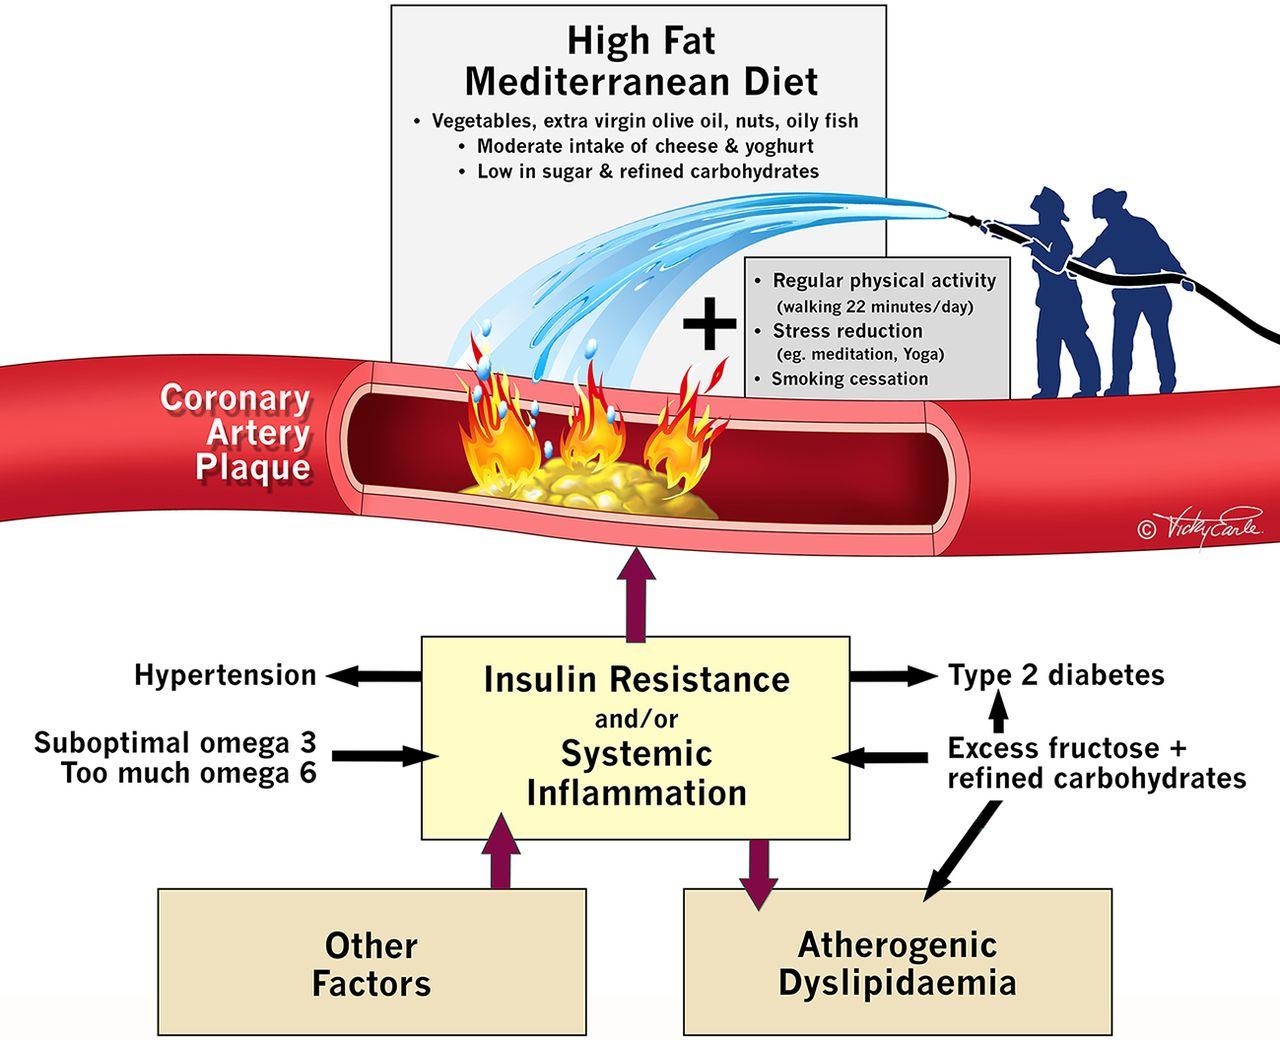 Мононенасыщенные жиры предотвращают сердечно-сосудистые заболевания